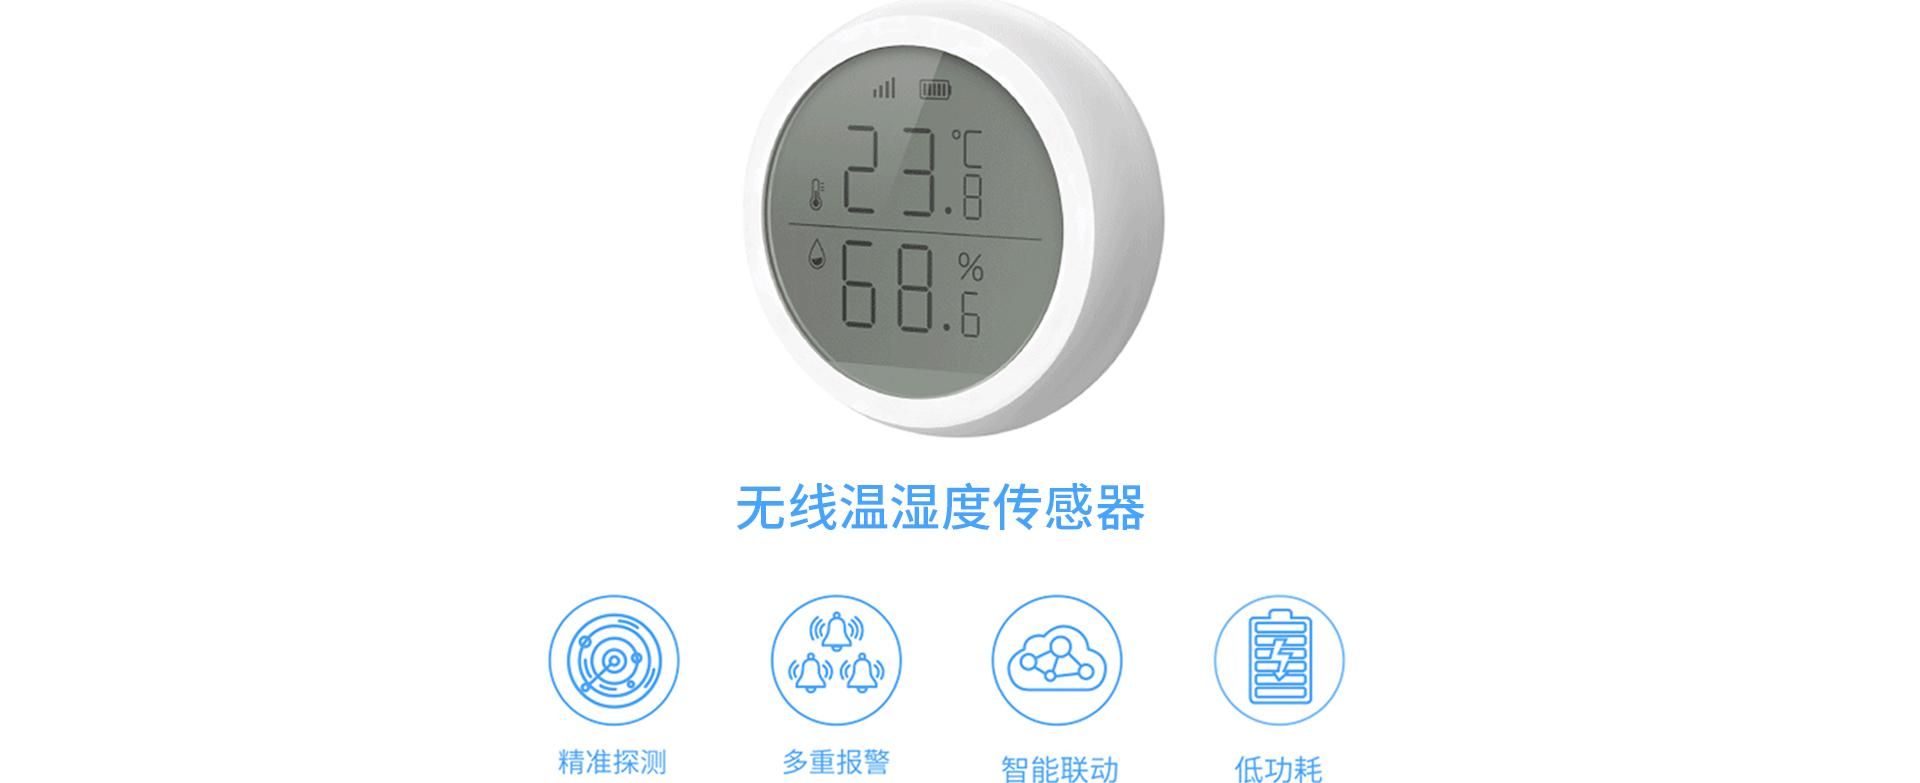 无线温湿度传感器-SE312